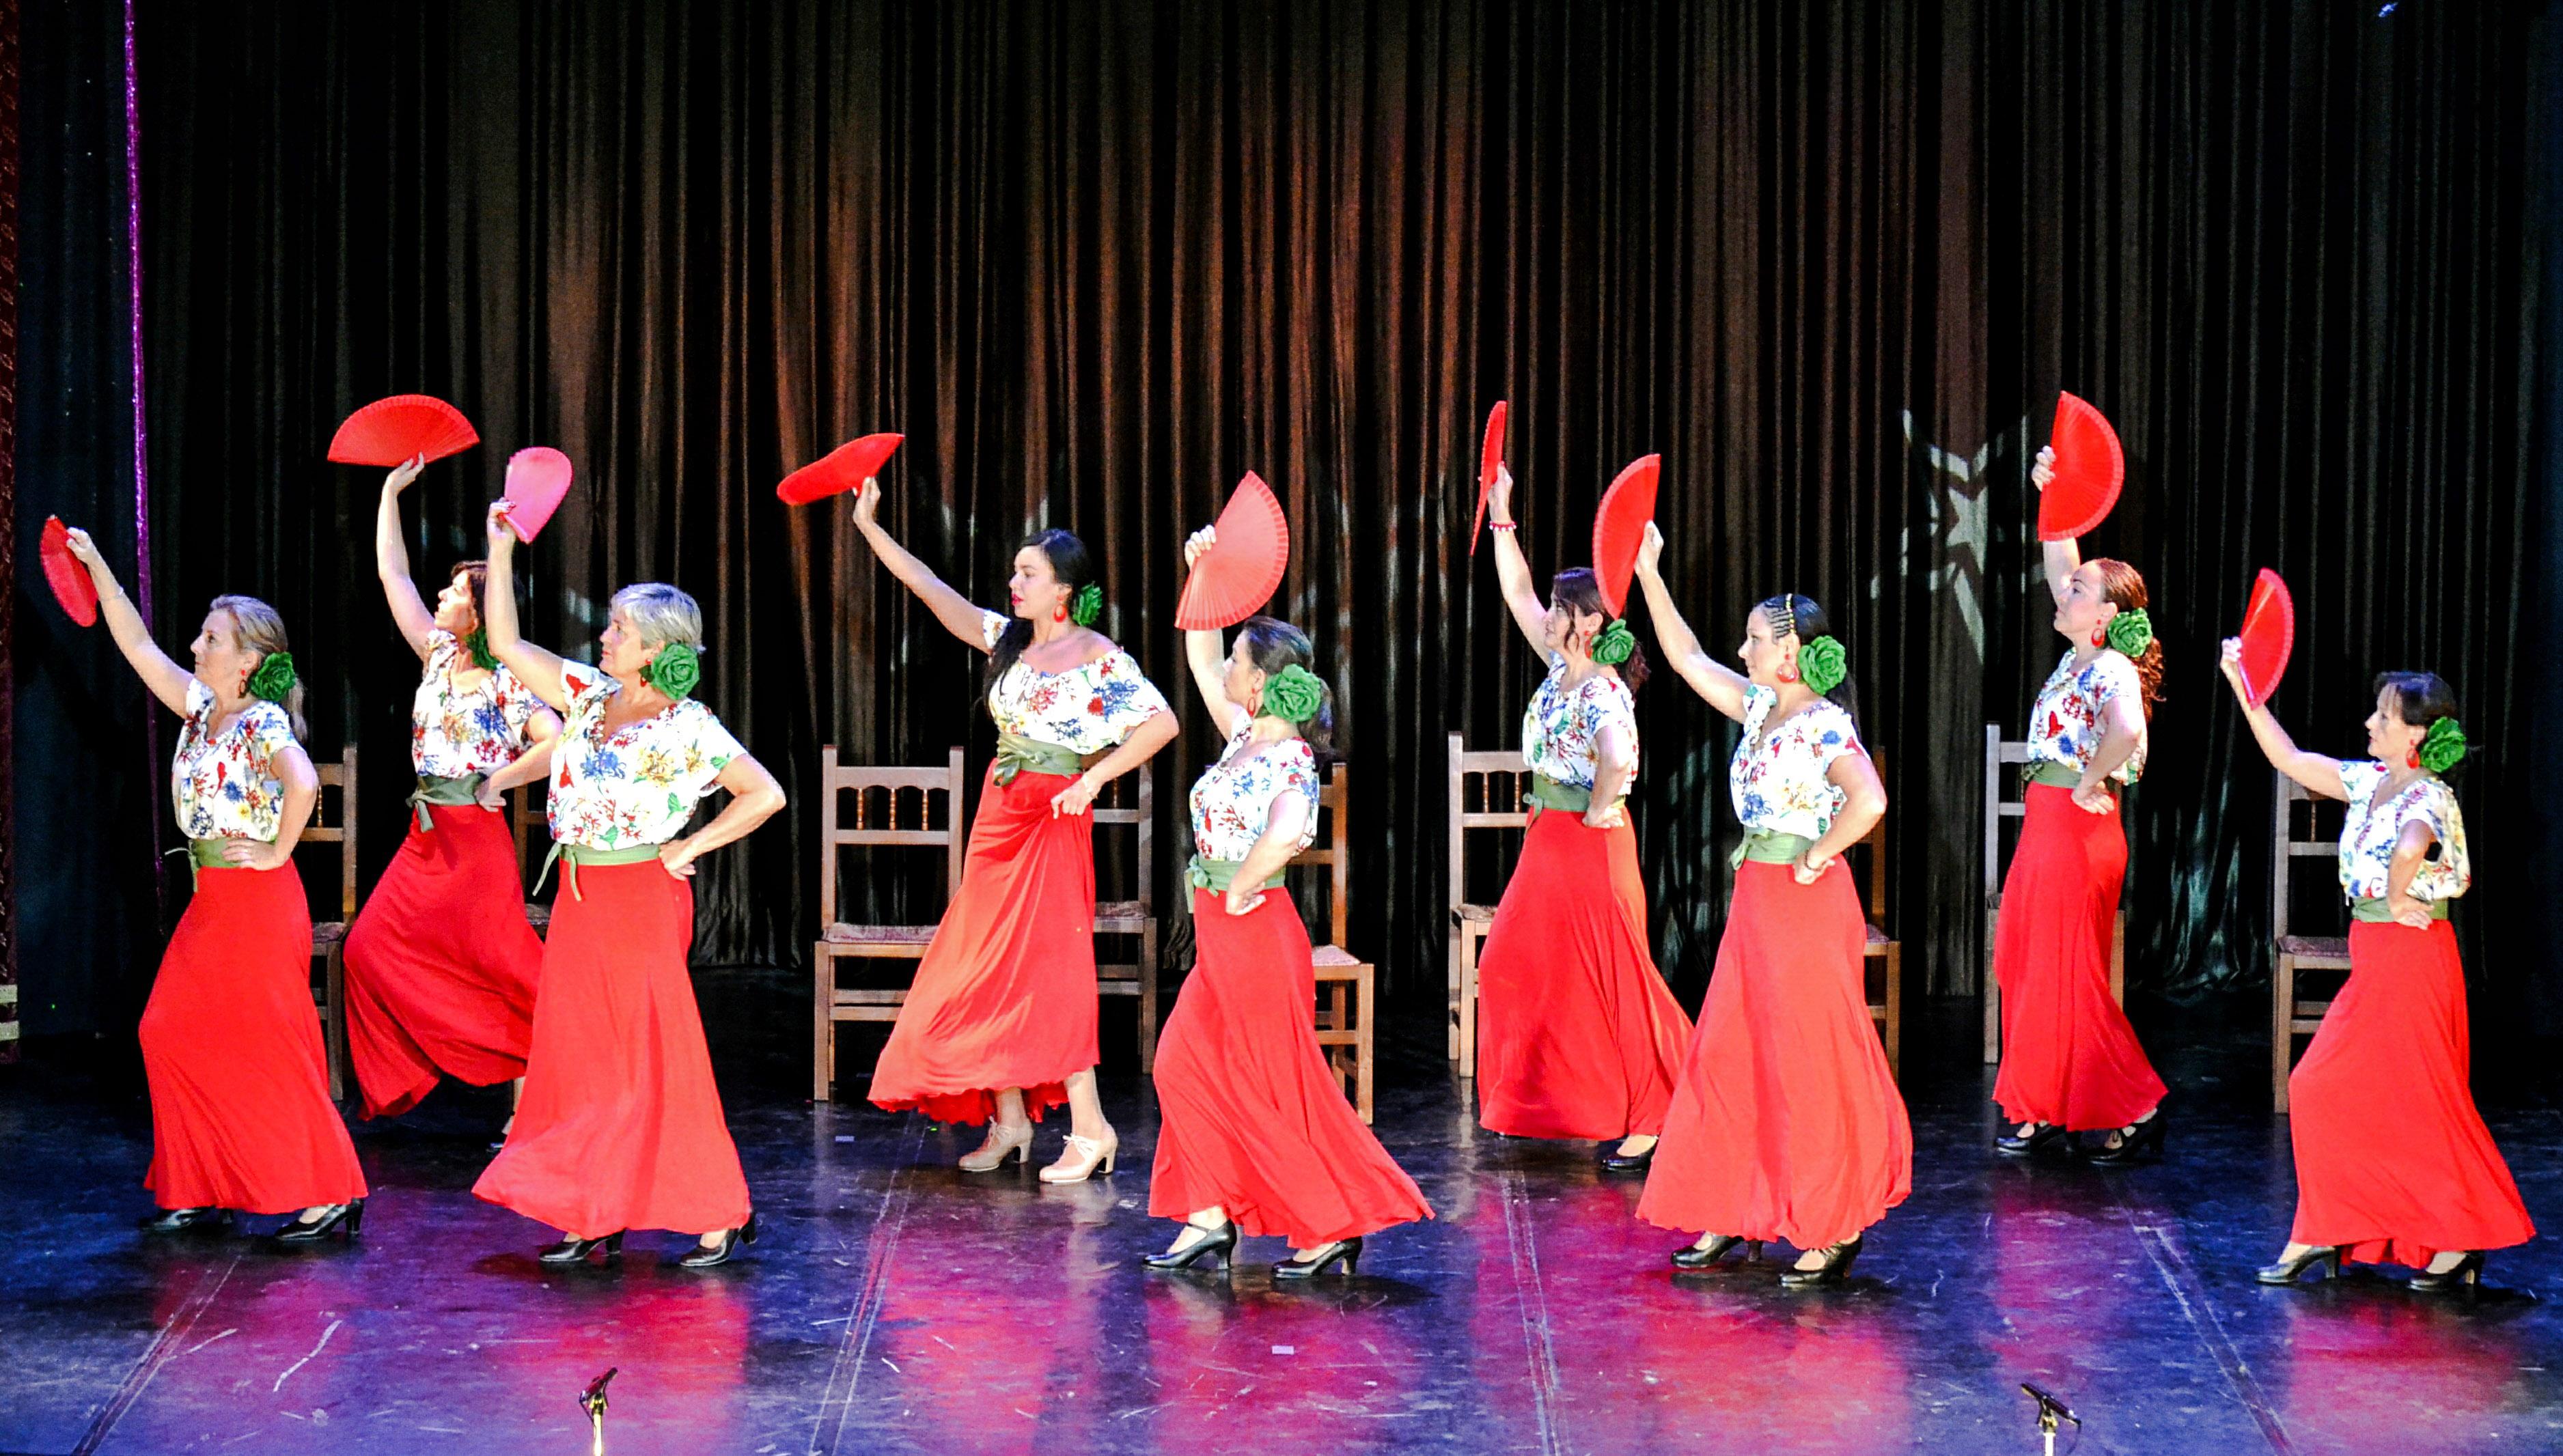 Linea-de-Baile-festival-verano-2015-clases-de-baile-valencia-182